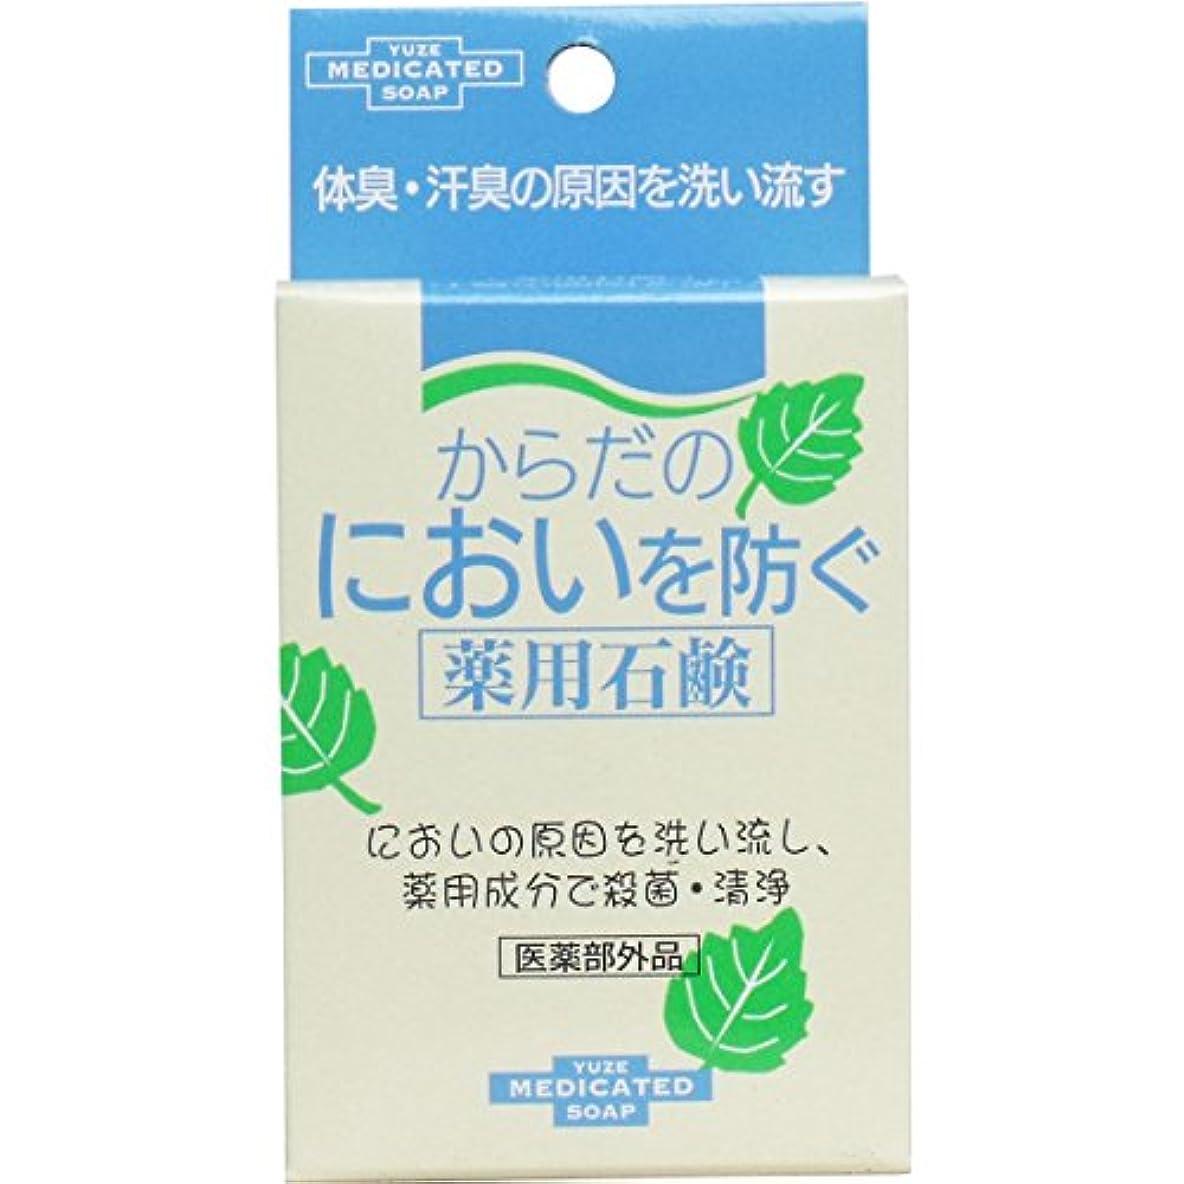 階成長する焼く【お徳用 3 セット】 ユゼ からだのにおいを防ぐ薬用石鹸 110g×3セット